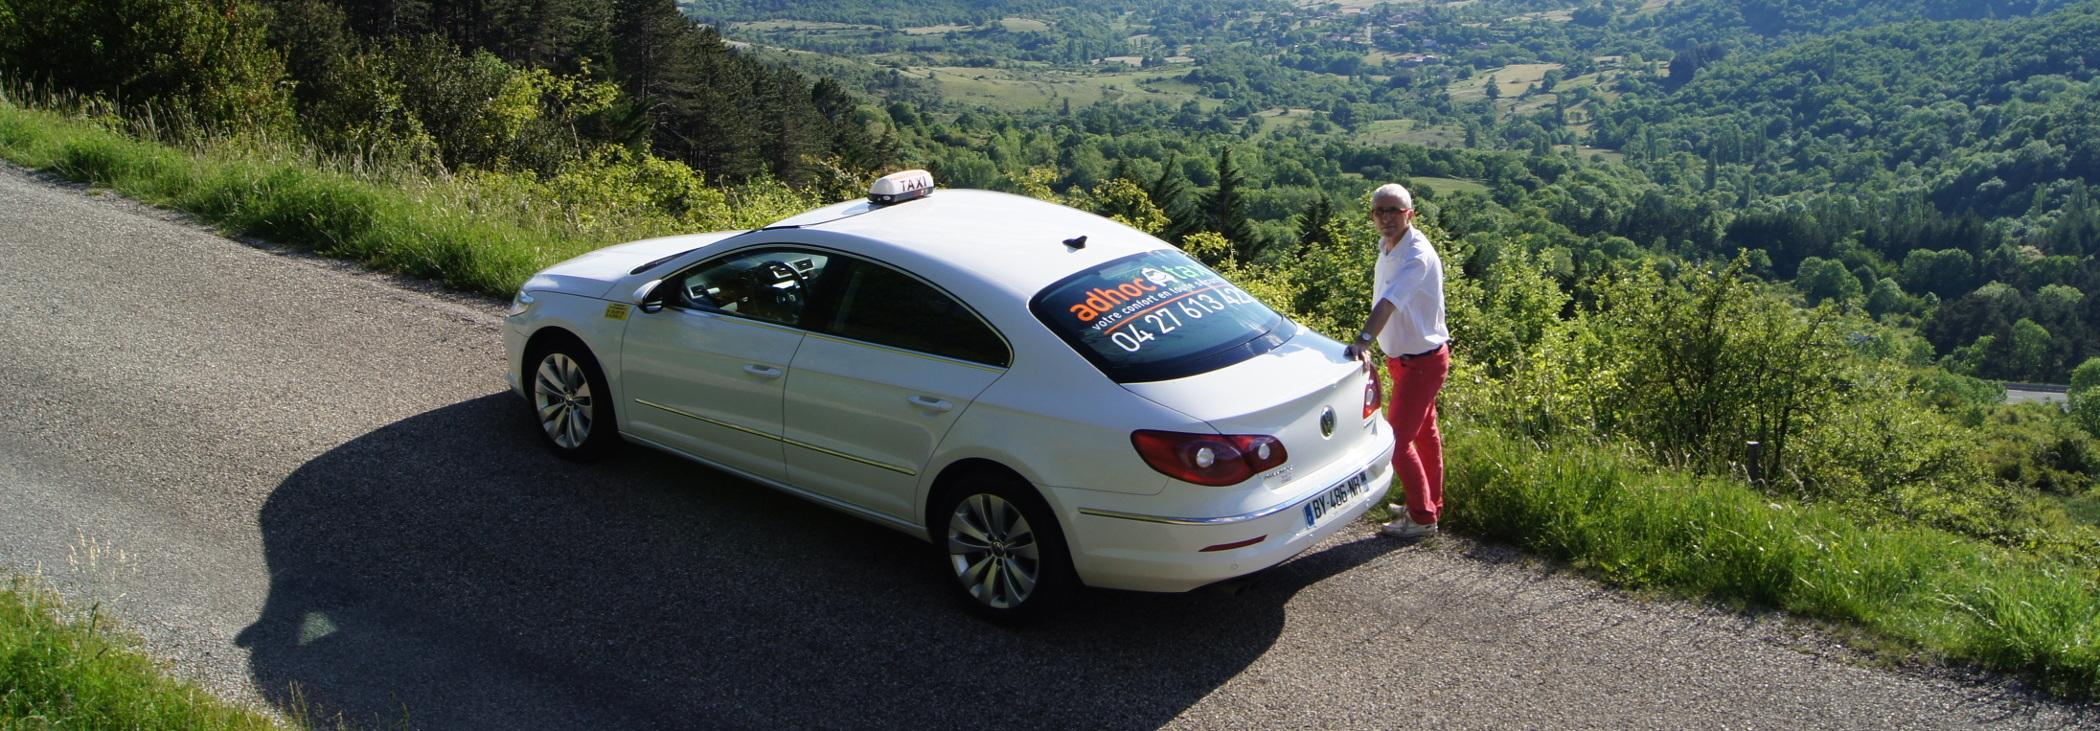 Taxi et chauffeur Adhoc Taxi sur une route d'Ardèche pas loin de Privas.